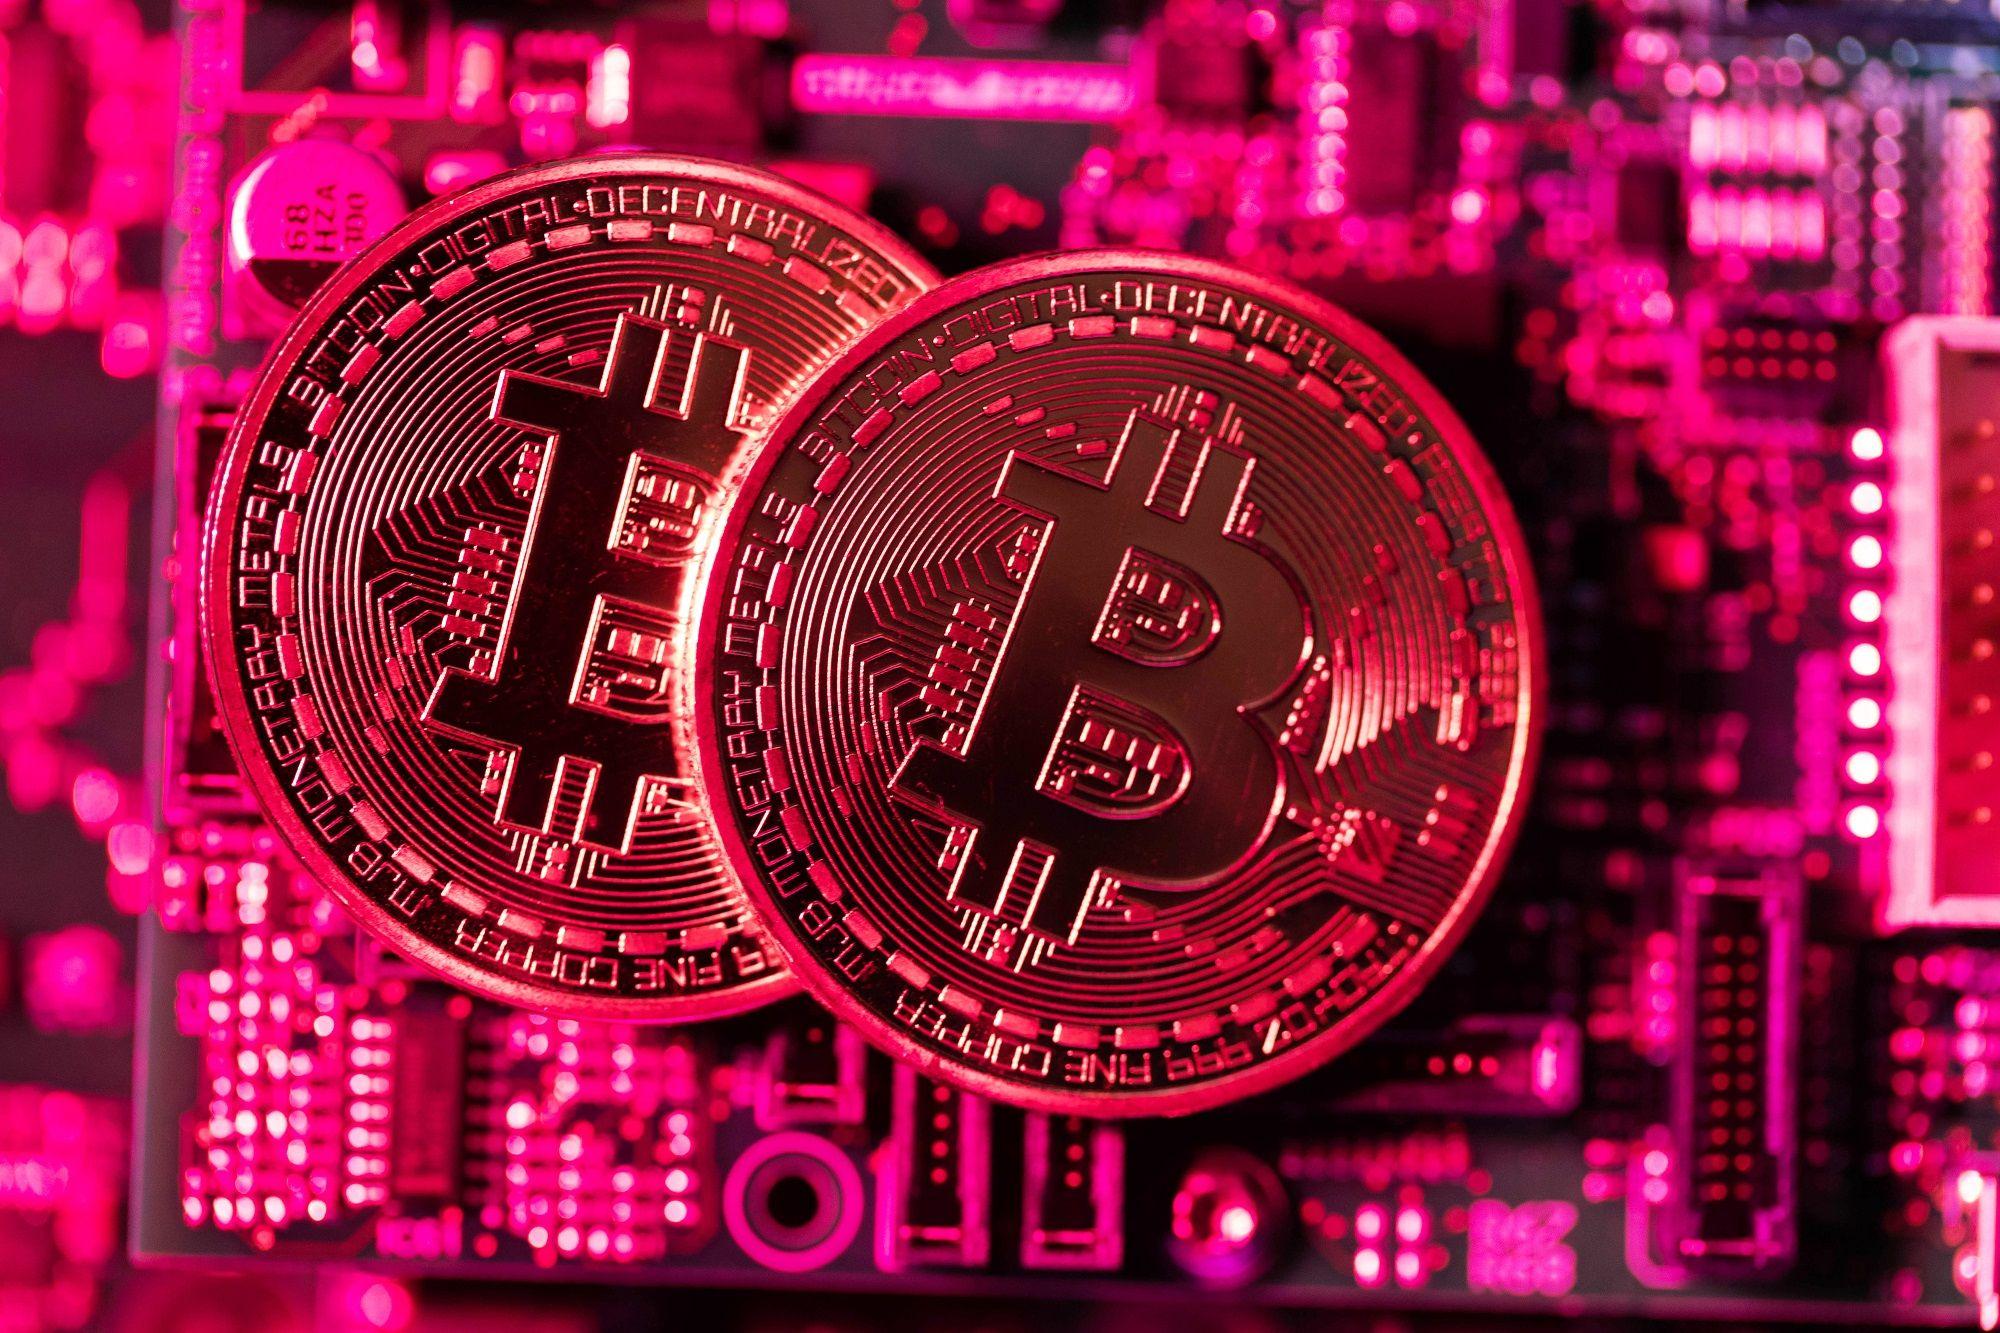 Business Maverick: South Africa Bitcoin 'Ponzi' Scheme Out of Regulator's Reach